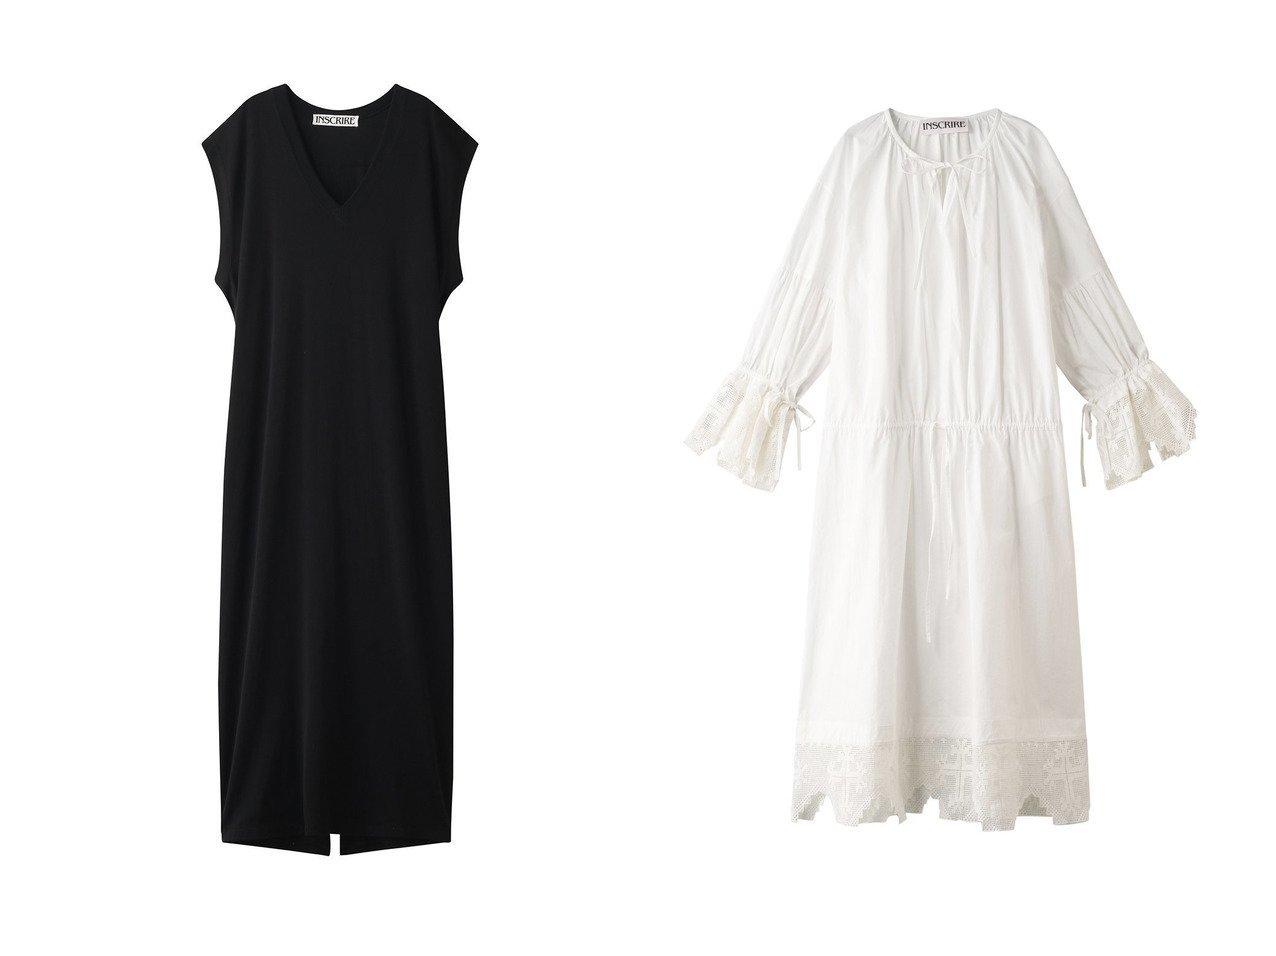 【INSCRIRE/アンスクリア】のレーヨンプレーティングVネックドレス&クロスレースコットンドレス INSCRIREのおすすめ!人気、トレンド・レディースファッションの通販 おすすめで人気の流行・トレンド、ファッションの通販商品 メンズファッション・キッズファッション・インテリア・家具・レディースファッション・服の通販 founy(ファニー) https://founy.com/ ファッション Fashion レディースファッション WOMEN ワンピース Dress ドレス Party Dresses 2021年 2021 2021 春夏 S/S SS Spring/Summer 2021 S/S 春夏 SS Spring/Summer エレガント スリーブ ドレス ドレープ フレンチ ミックス ロング 春 Spring  ID:crp329100000019474